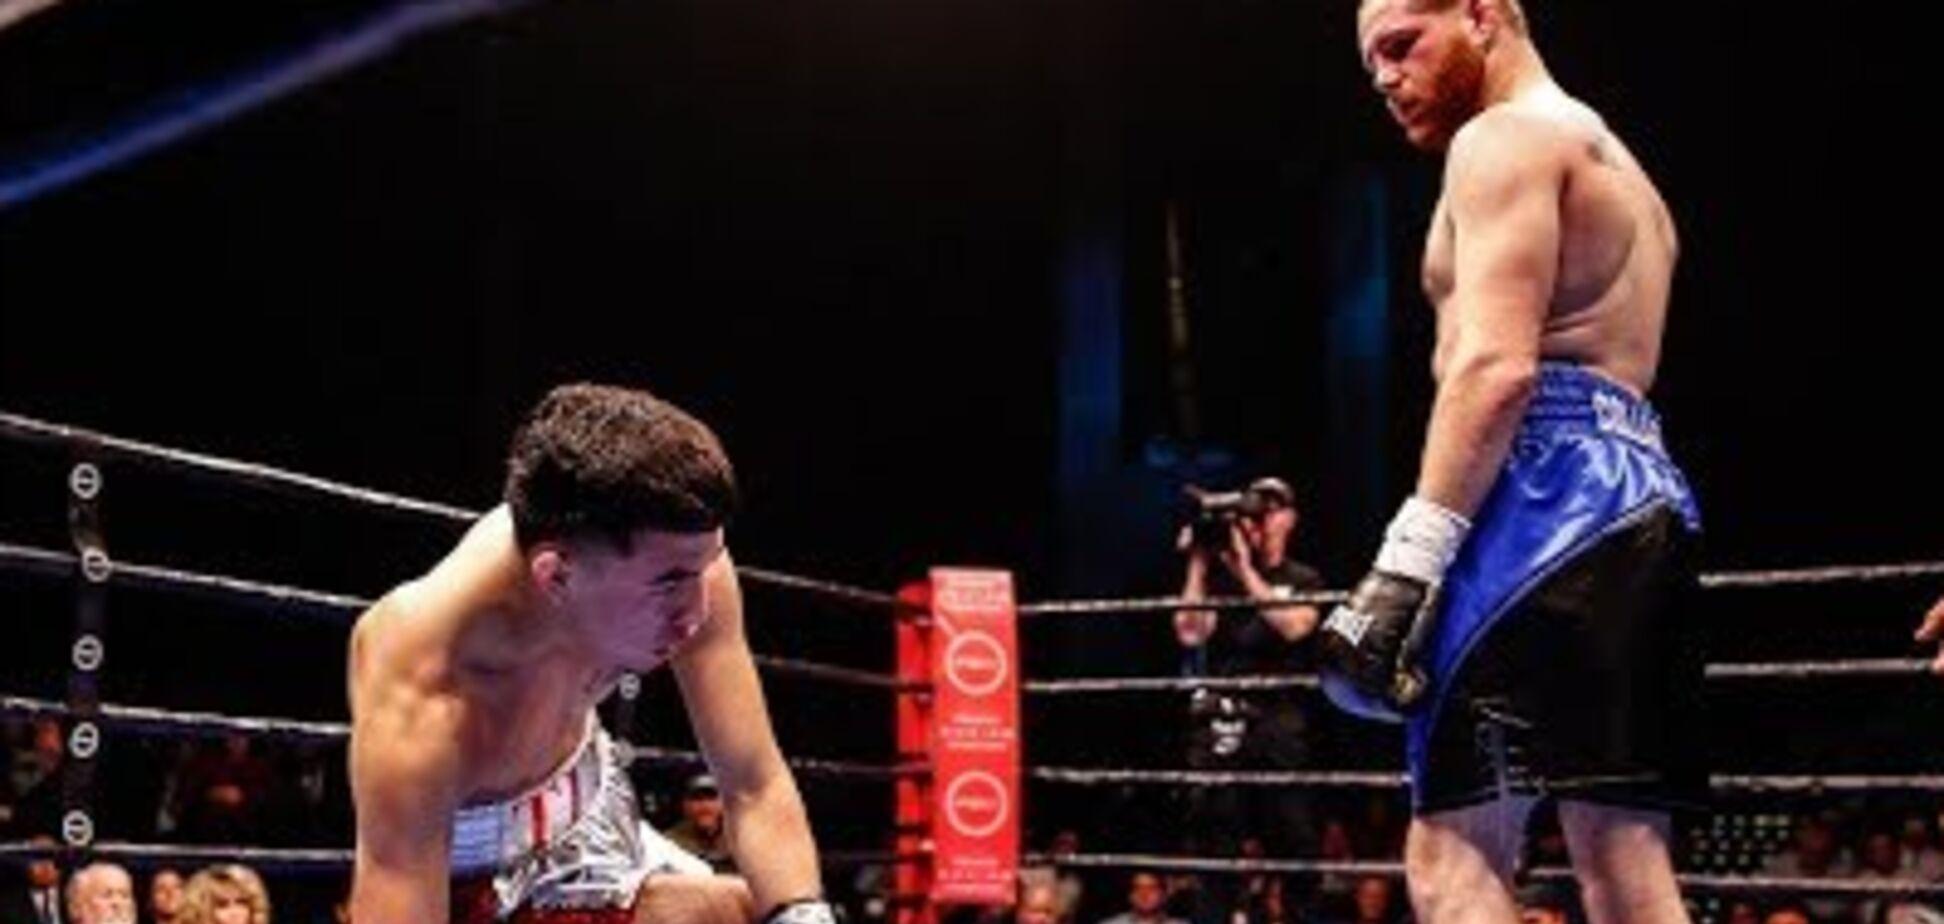 Боксер встав з нокдауну і зубодробильним нокаутом виграв кривавий бій